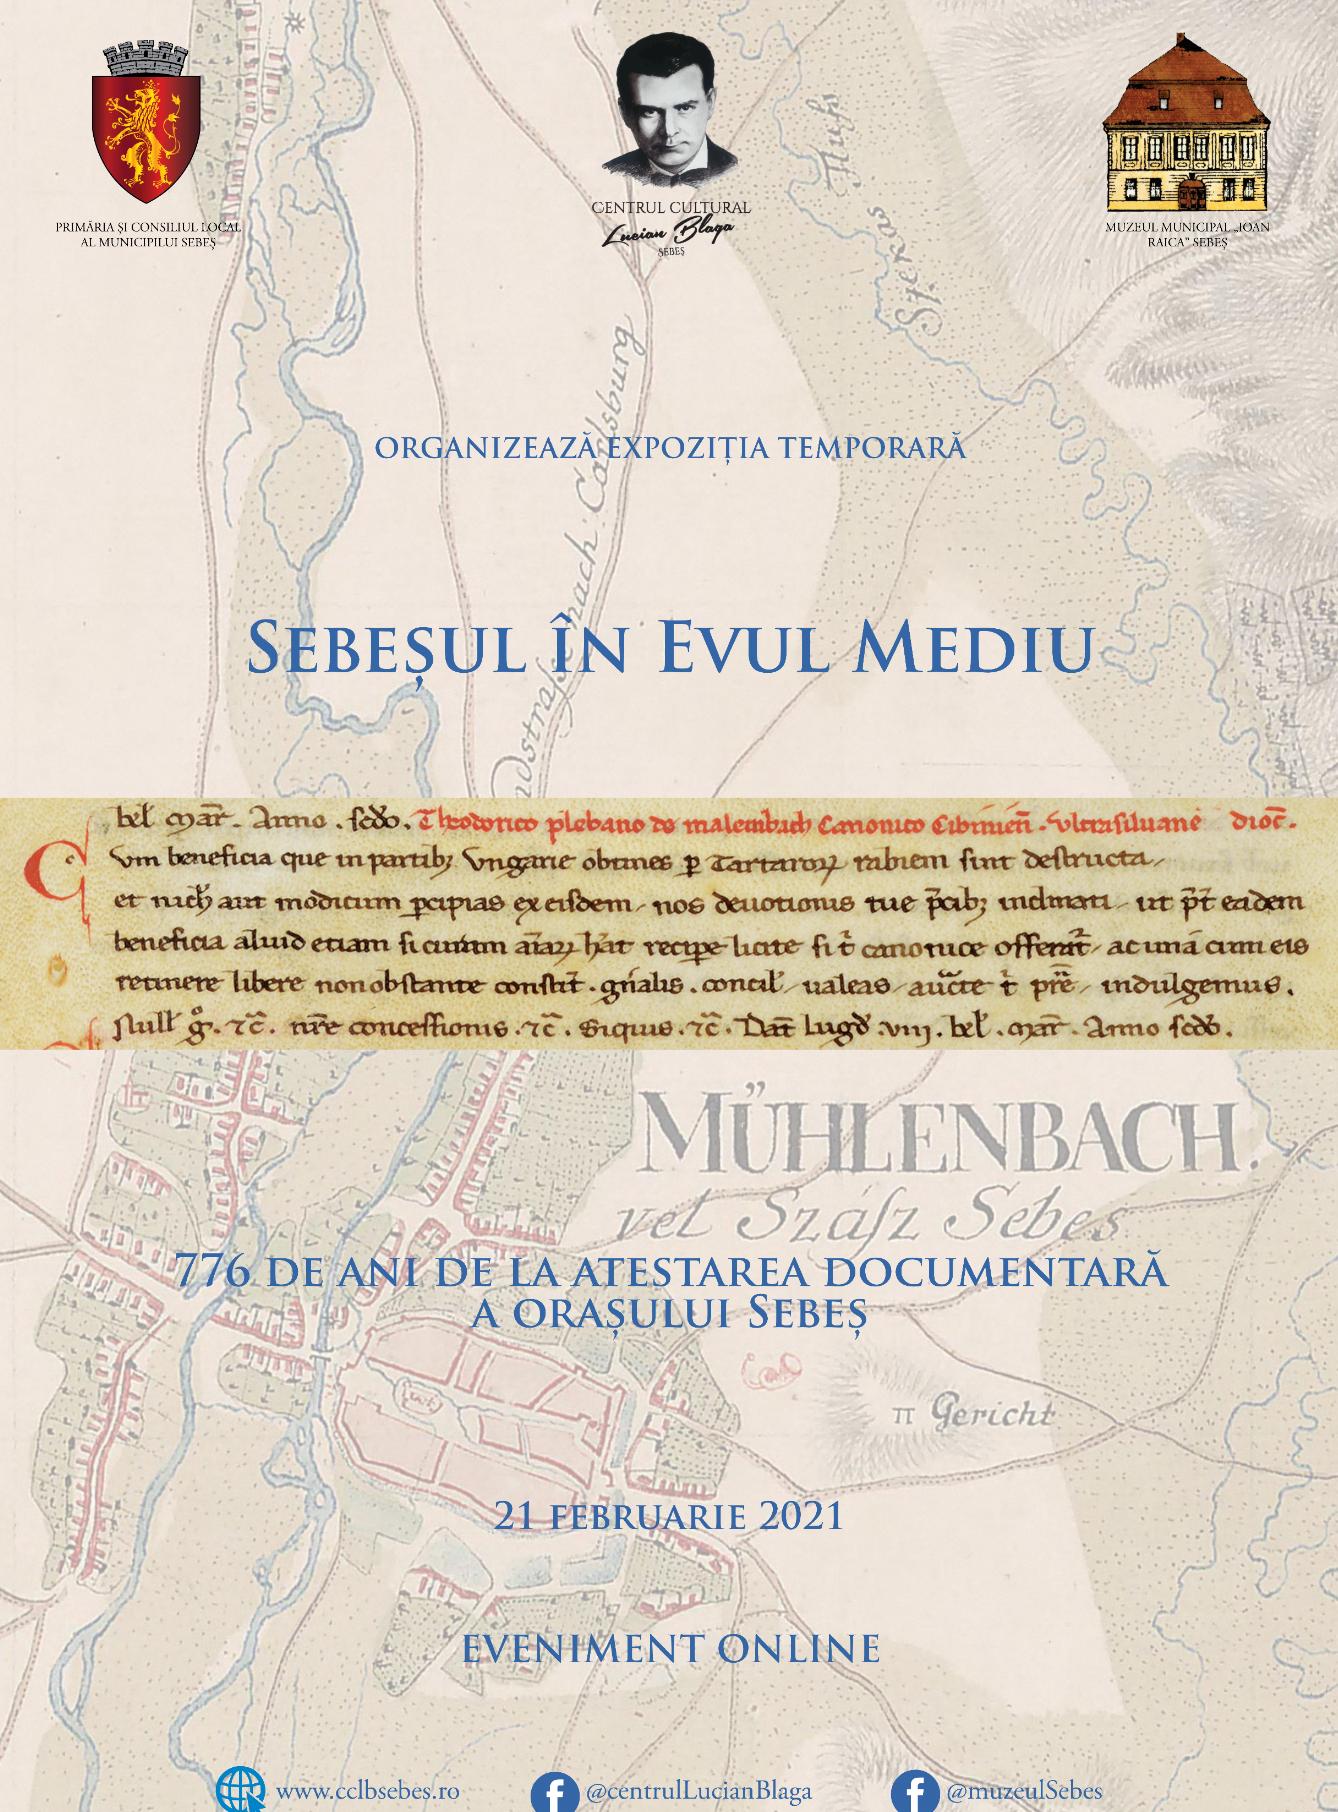 776 de ani de la atestarea documentară a oraşului Sebeş